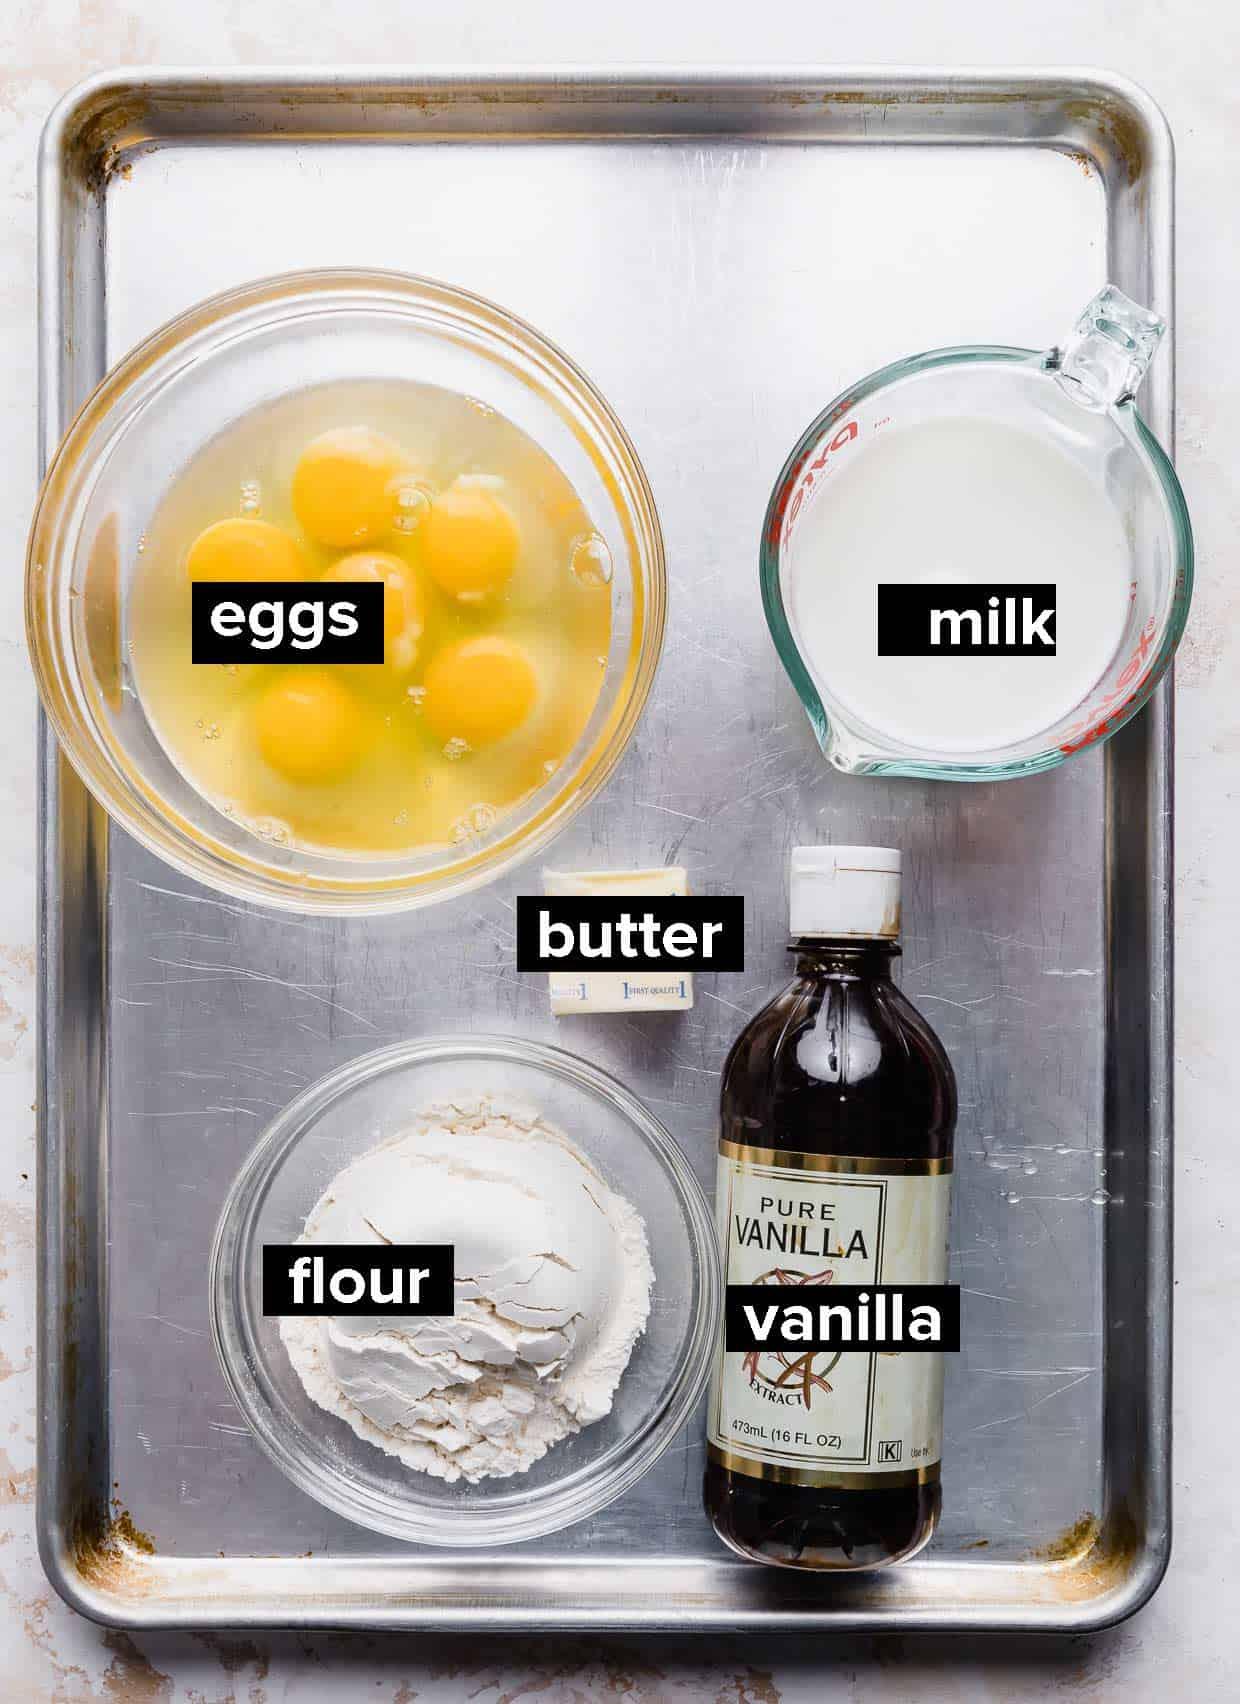 Ingredients used to make German pancakes on a baking sheet.